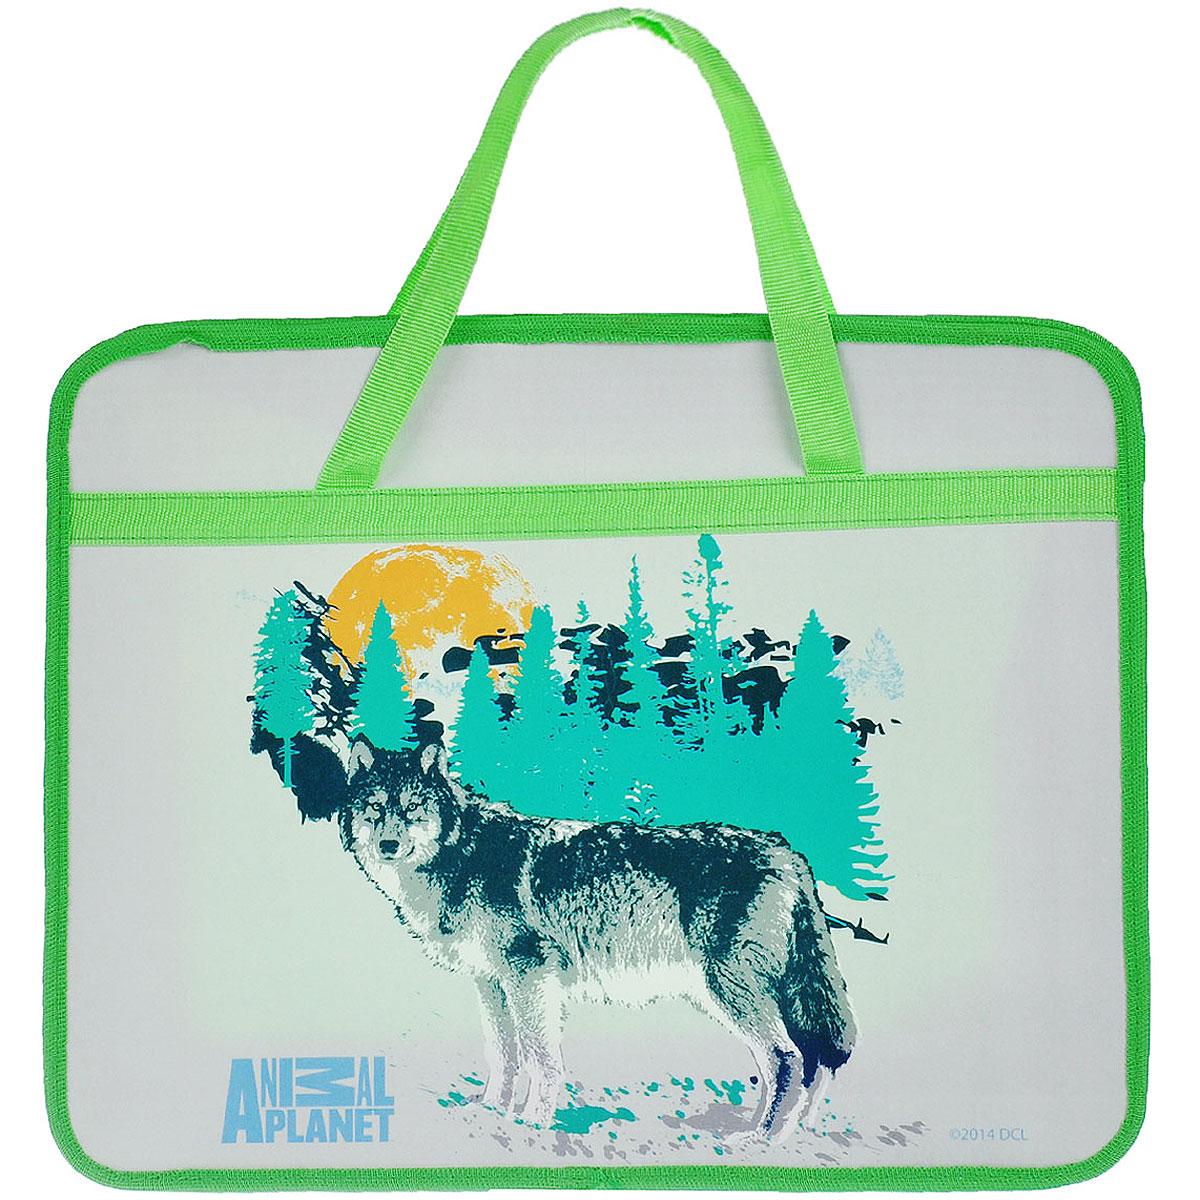 Папка для тетрадей Action! Animal Planet, цвет: серый, салатовыйC13S041944Папка Action! Animal Planet предназначена для хранения тетрадей, рисунков и прочих бумаг с максимальным форматом А4. Папка выполнена из прочного материала, оформлена изображением волка и содержит одно отделение. Закрывается она на застежку-молнию. Папка дополнена двумя текстильными ручками для переноски.С папкой Action! Animal Planet тетради вашего ребенка всегда будут выглядеть опрятно.